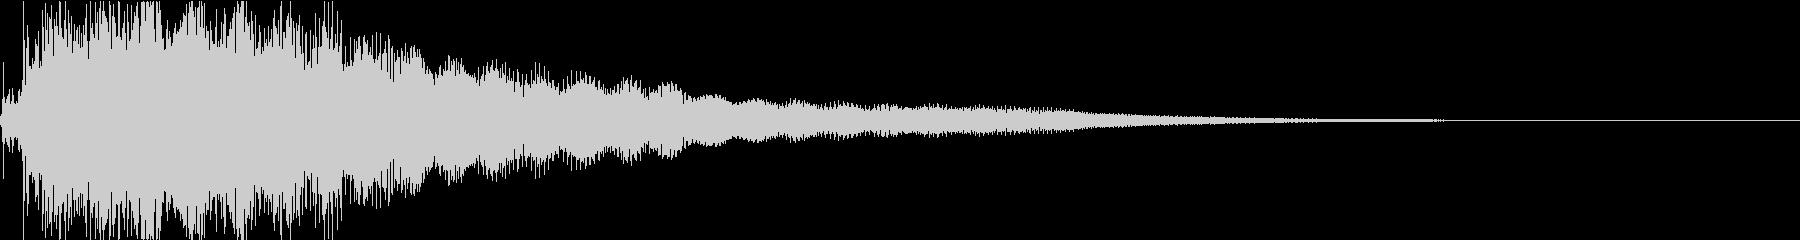 ジャラーン:アコースティックギターeの未再生の波形